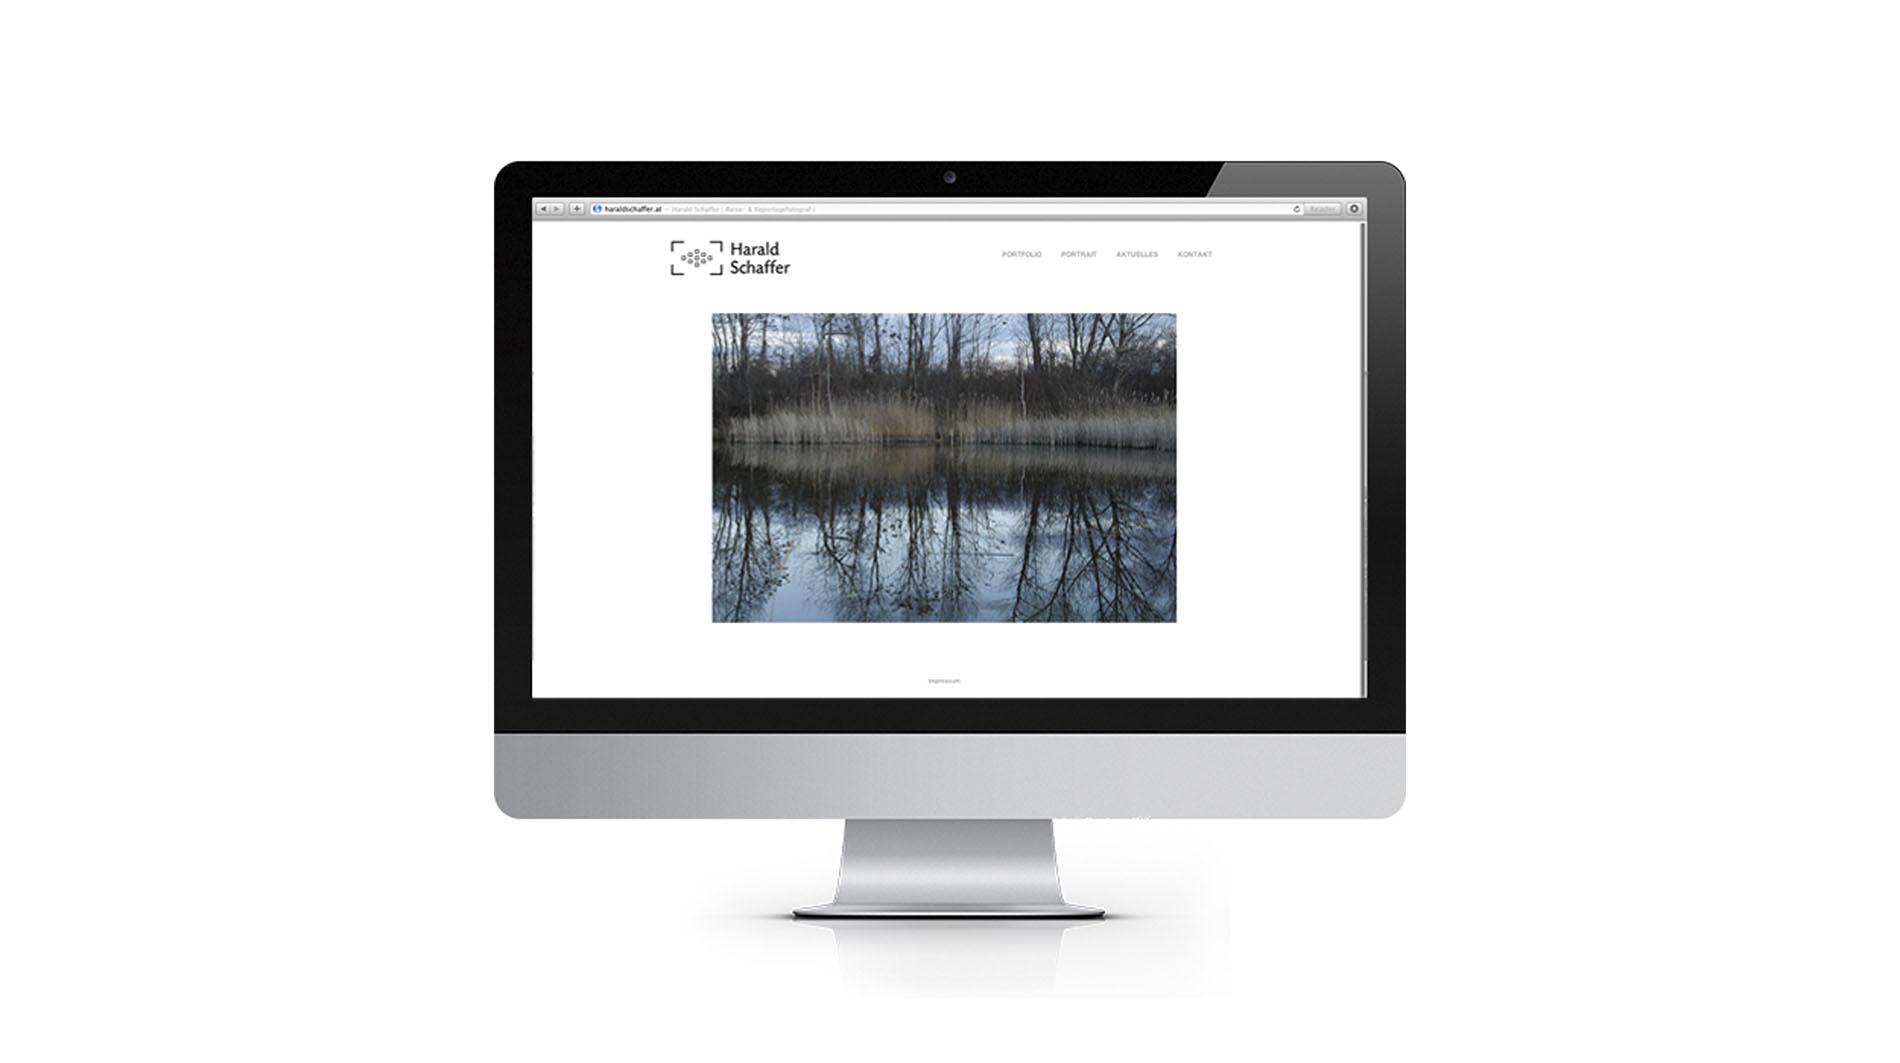 CD Harald Schaffer   Website